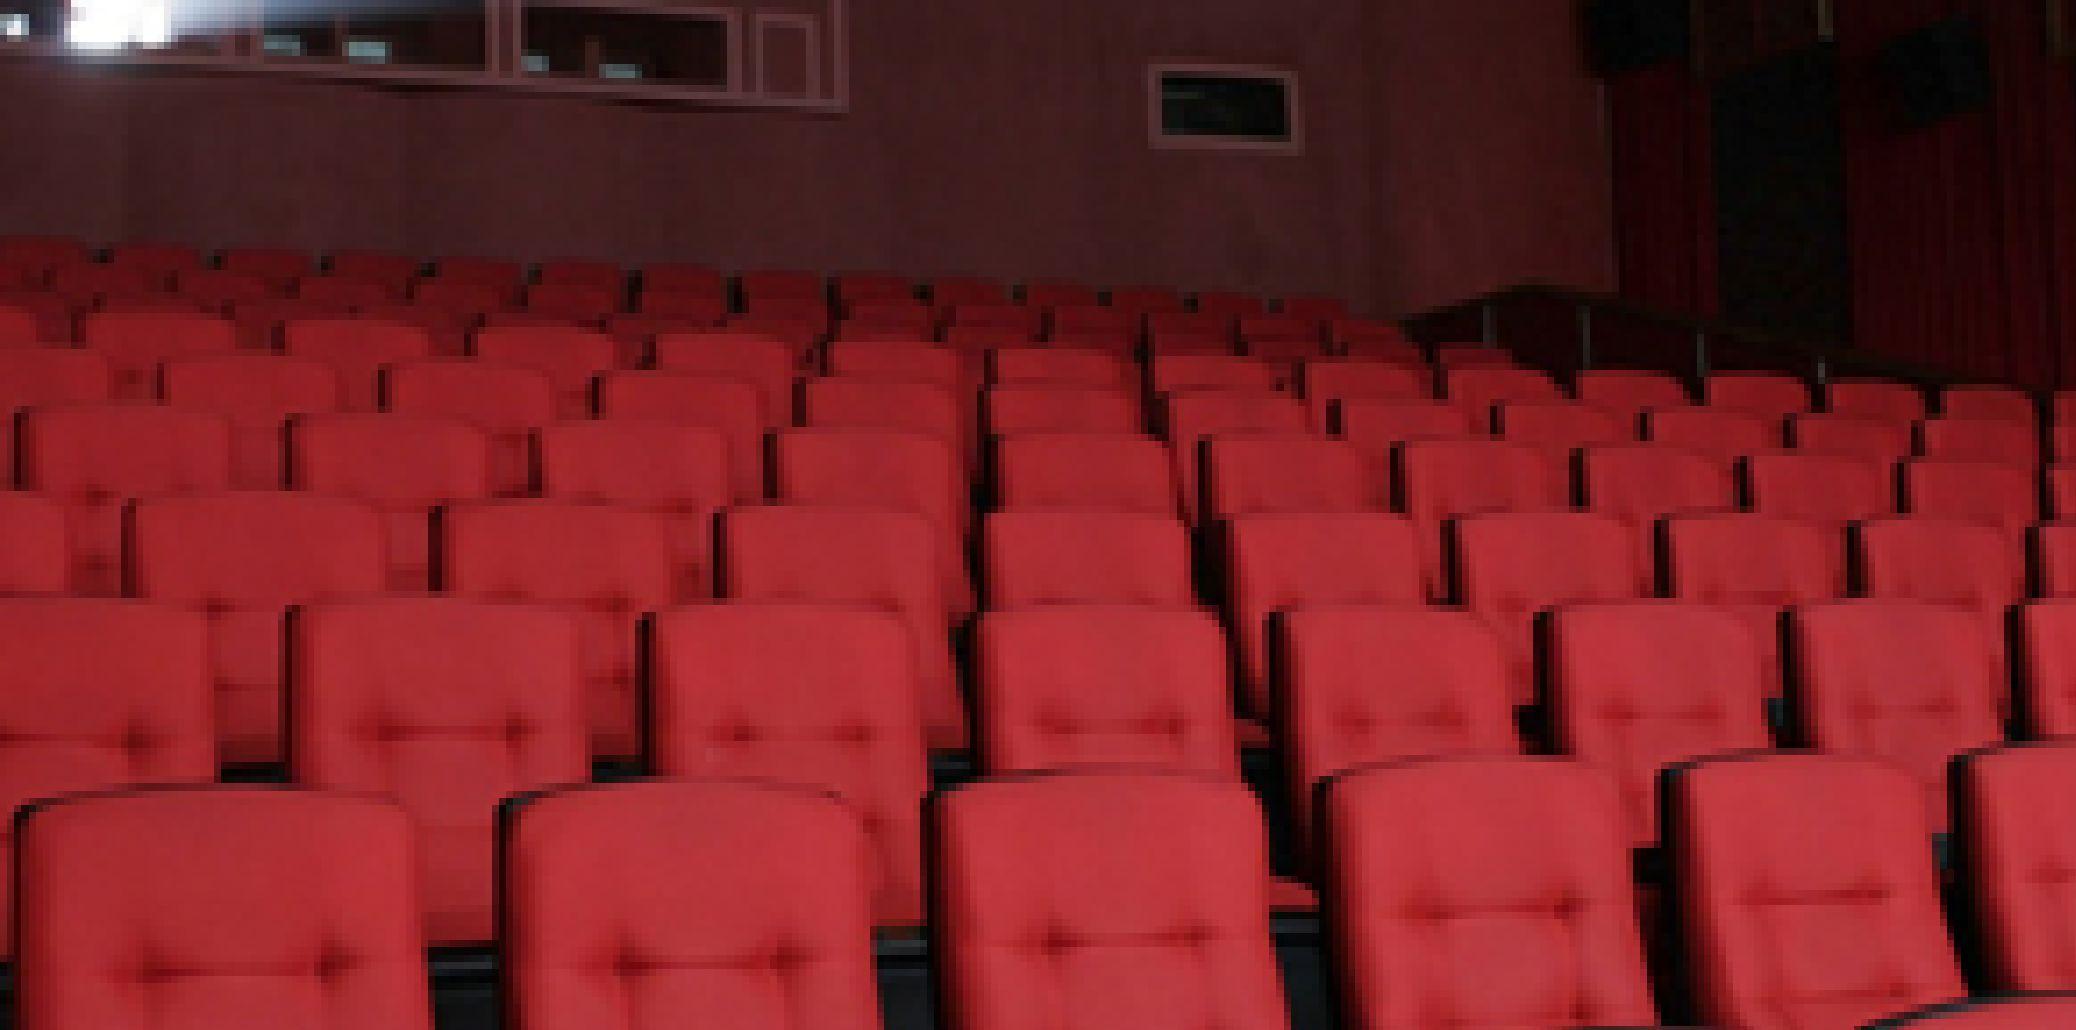 Cine_Ritz_Divinópolis_-_interior_da_sala